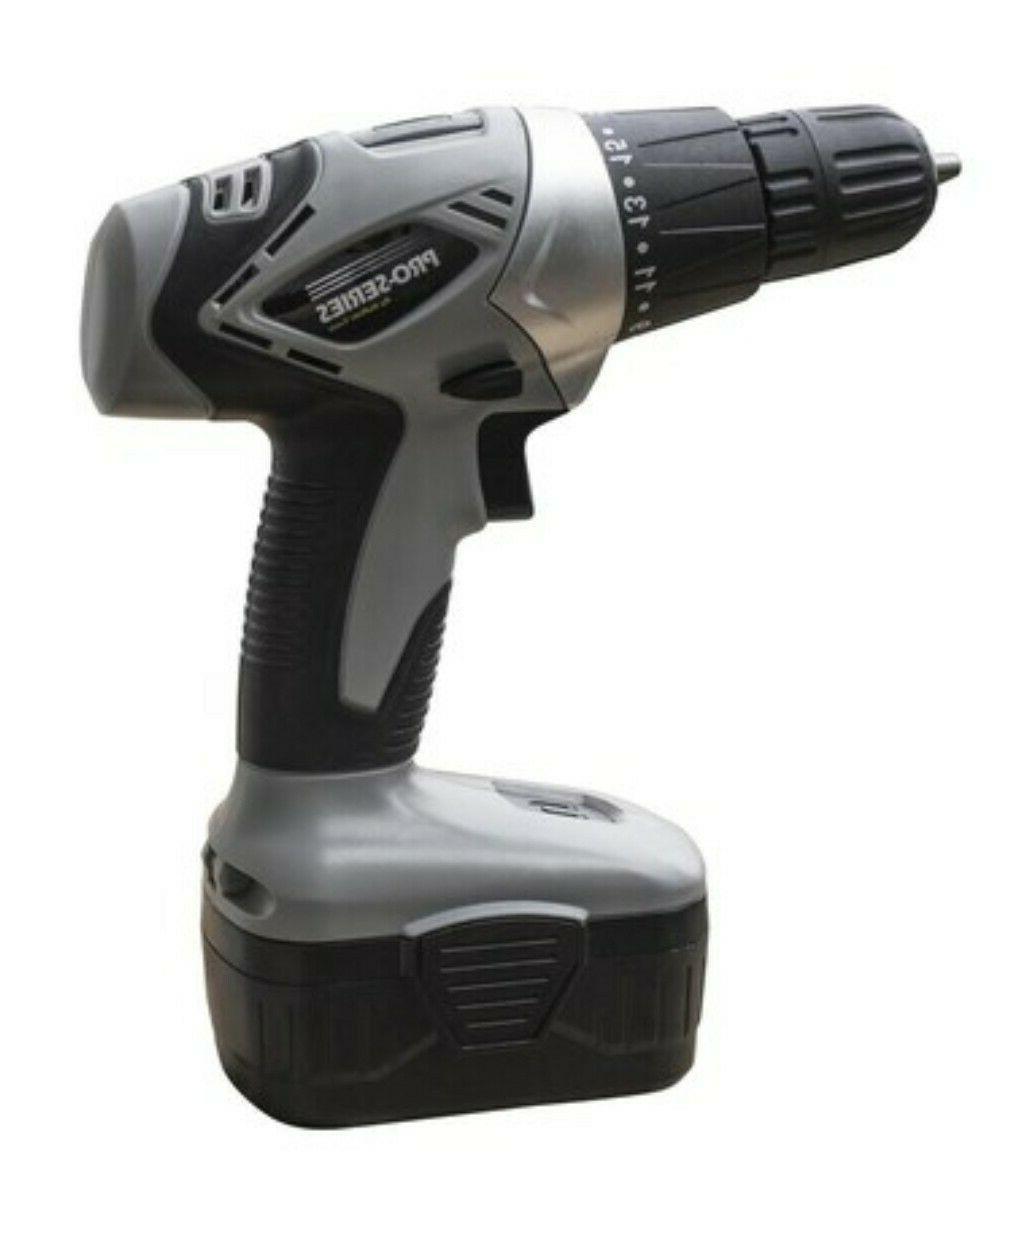 pro series 18 volt cordless drill w